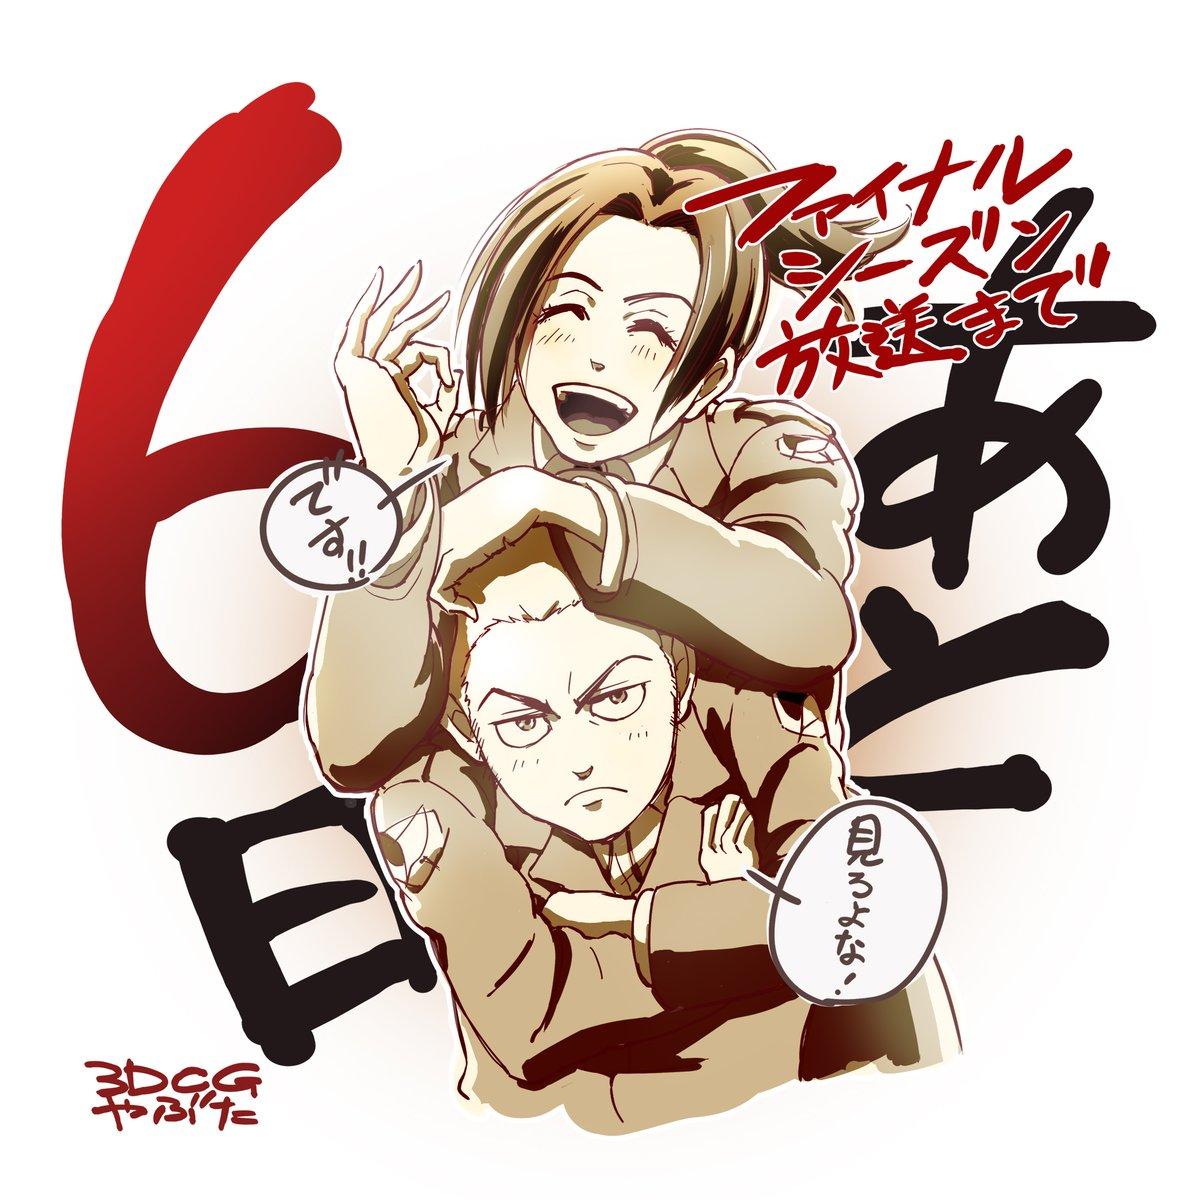 【放送まであと6日!】「進撃の巨人」The Final Seasonの放送まであと6日!制作スタッフによるカウントダウンイラストを公開!NHK総合にて、12月6日(日)24時10分より放送開始!お楽しみに!(illustration:3DCGスーパーバイザー・籔田修平)#shingeki